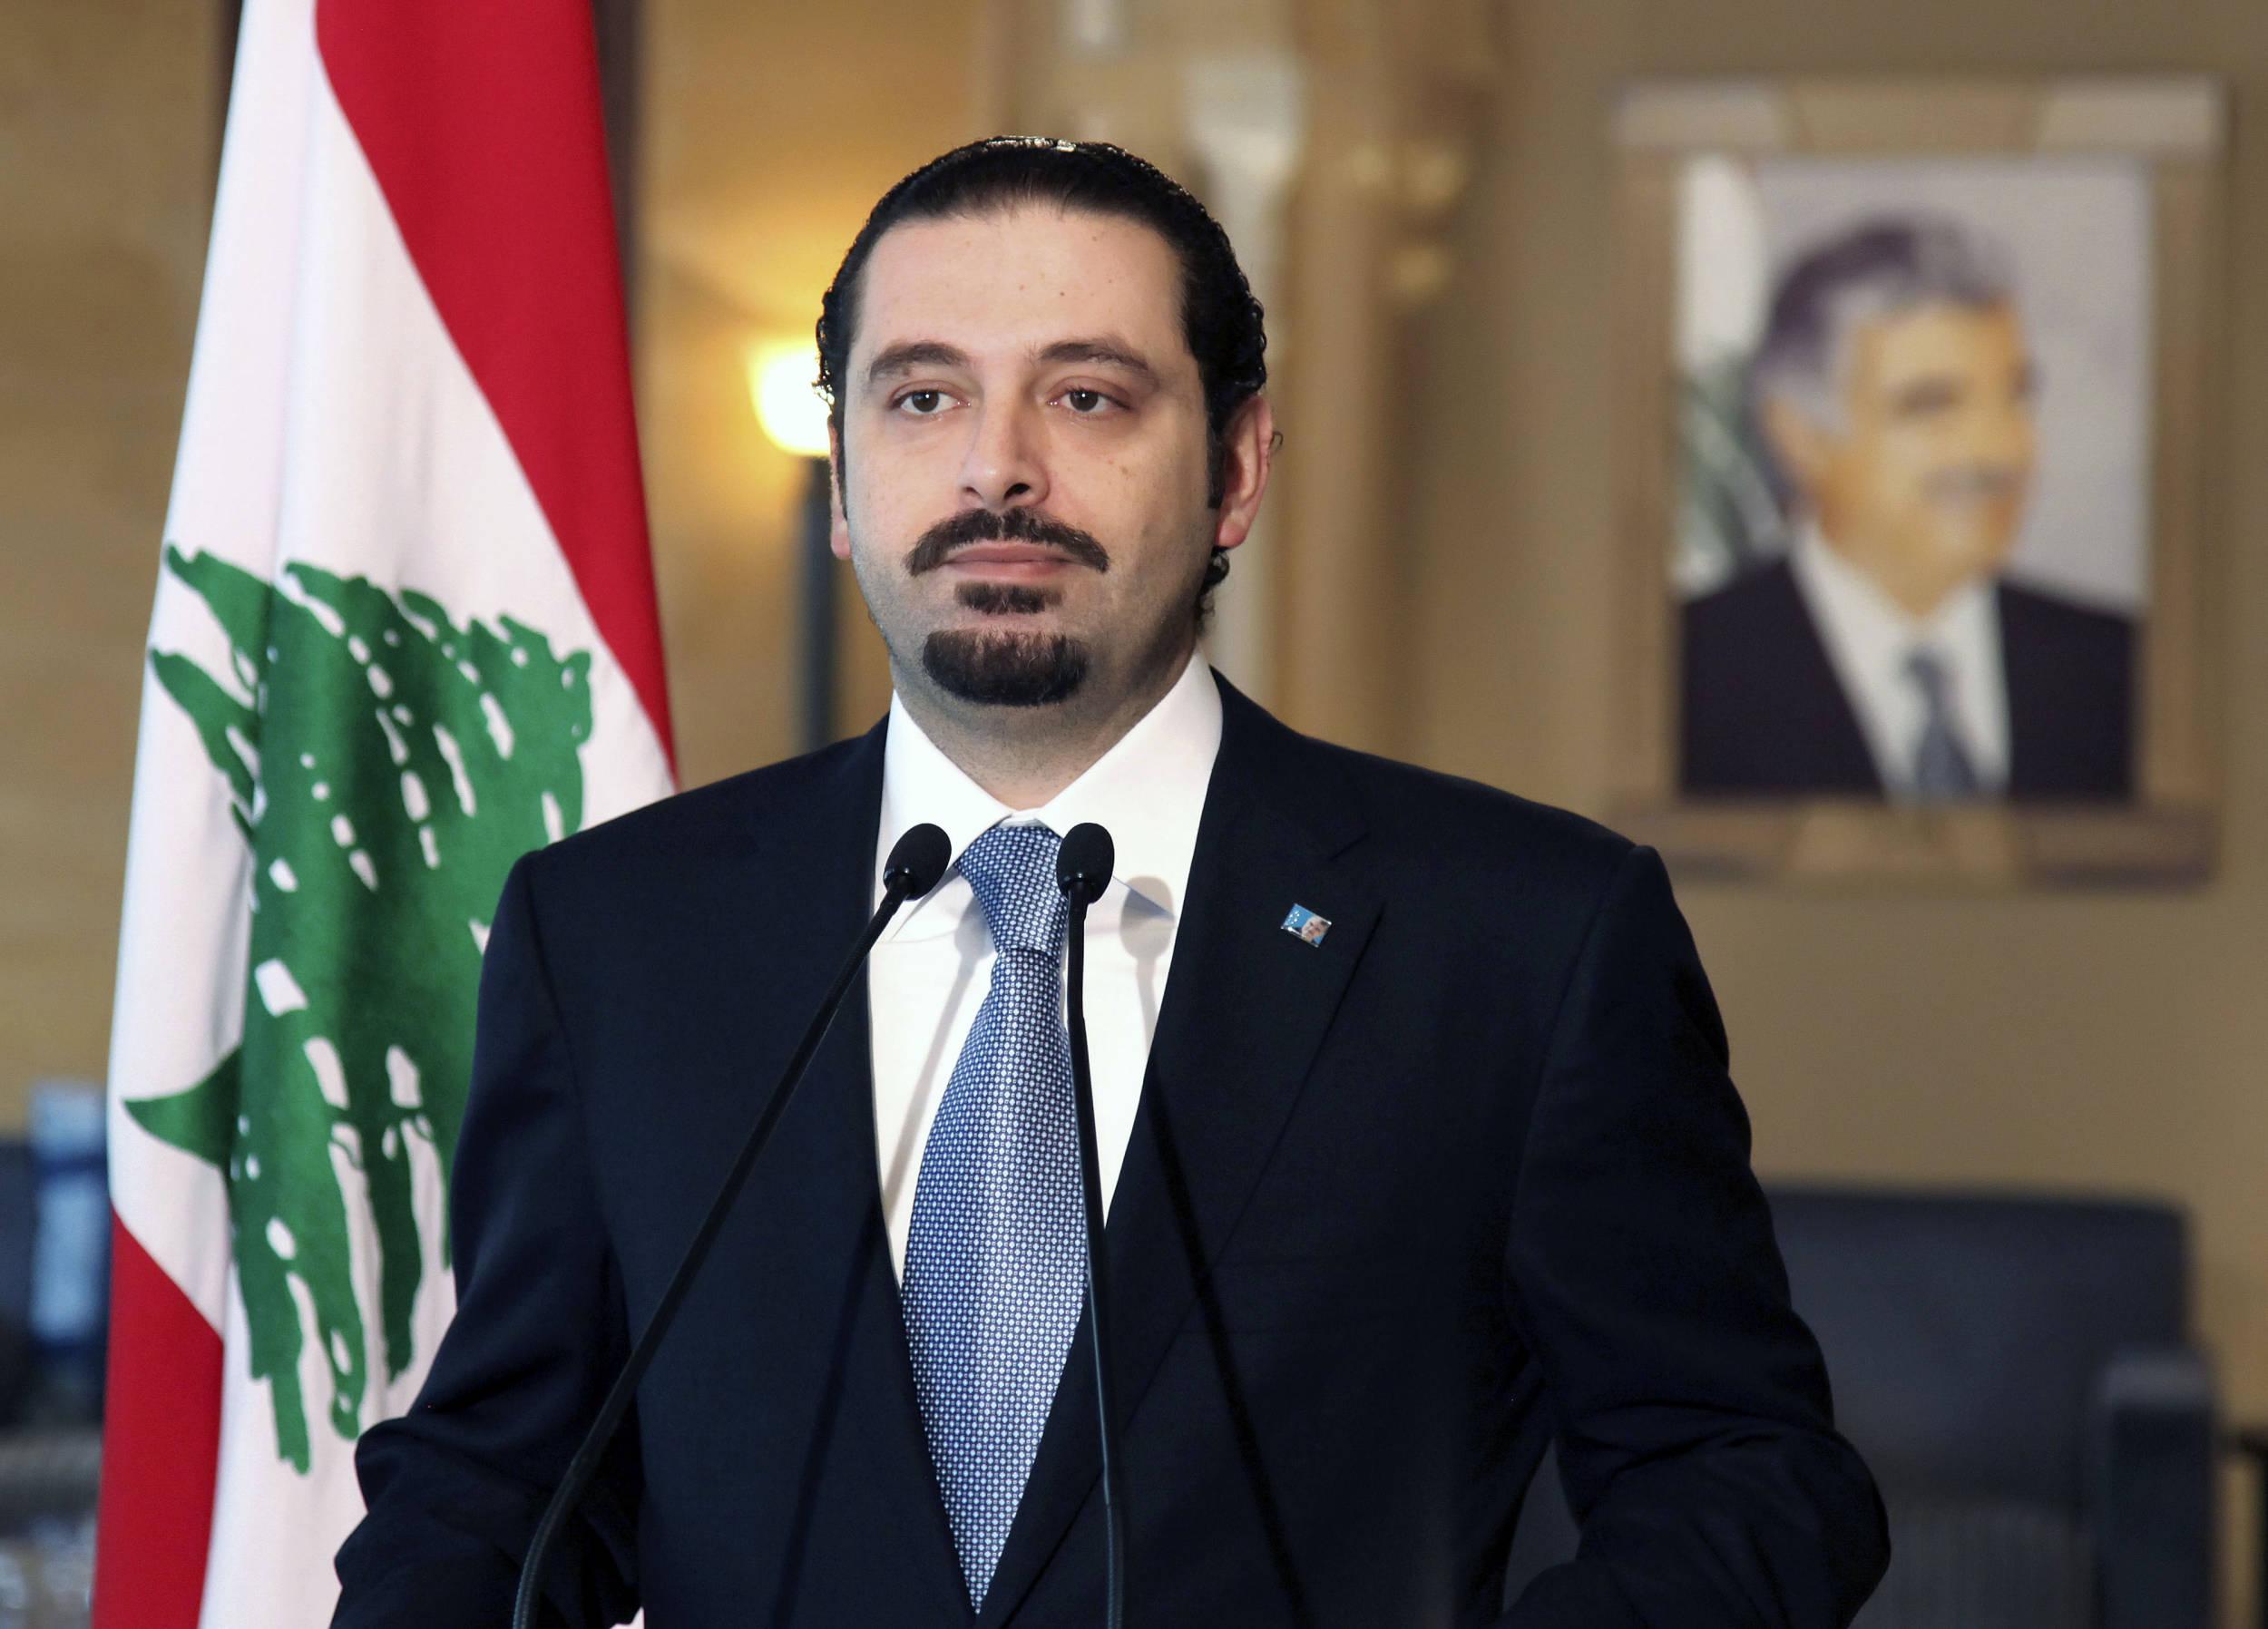 الصحف اللبنانية: الحريرى لا يريد تشكيل حكومة تتعرض للعرقلة